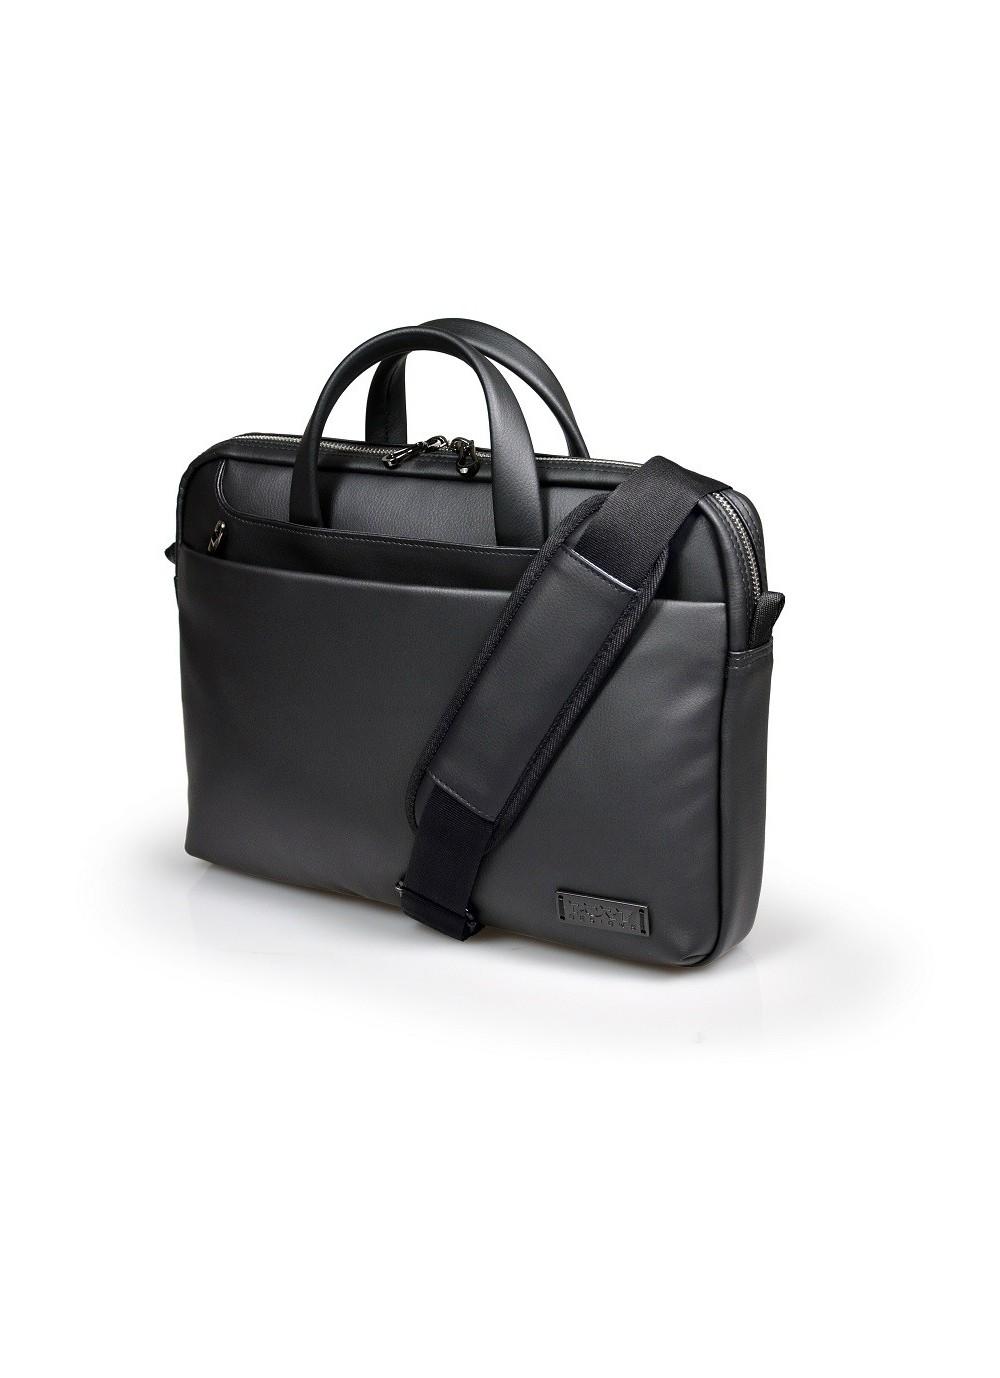 14f213a13a ZURICH Toploading case - Port Designs